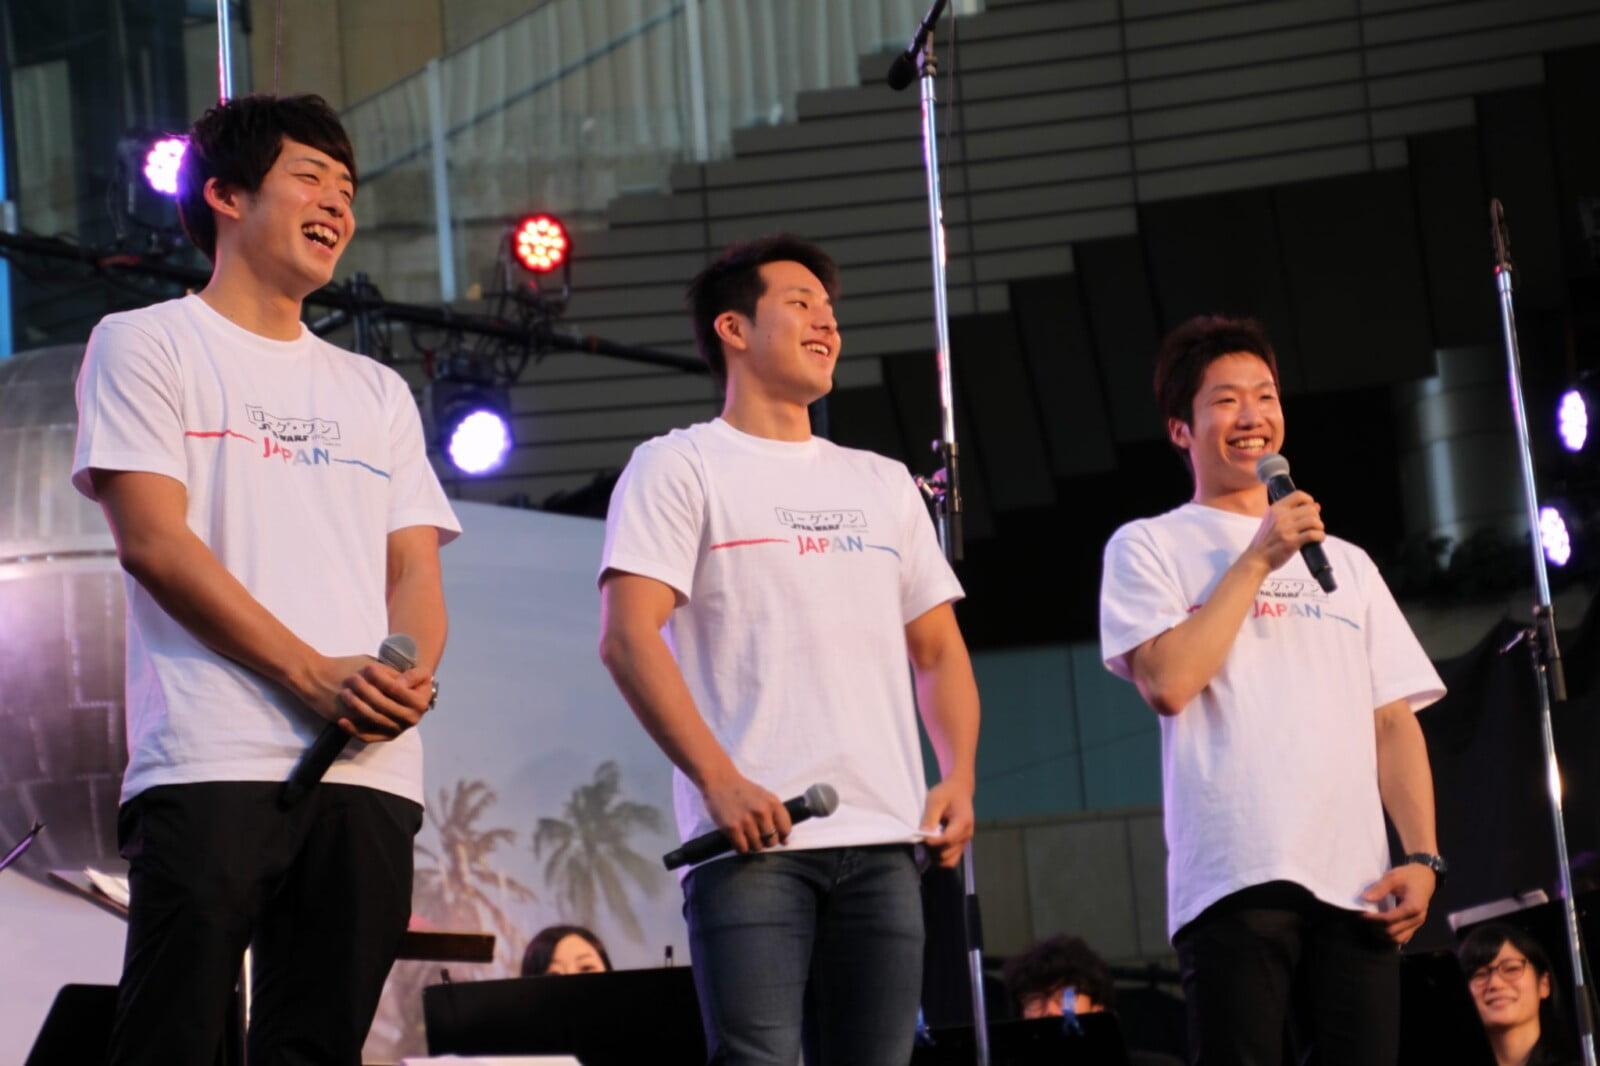 左から坂井聖人さん、瀬戸大也さん、水谷隼さん